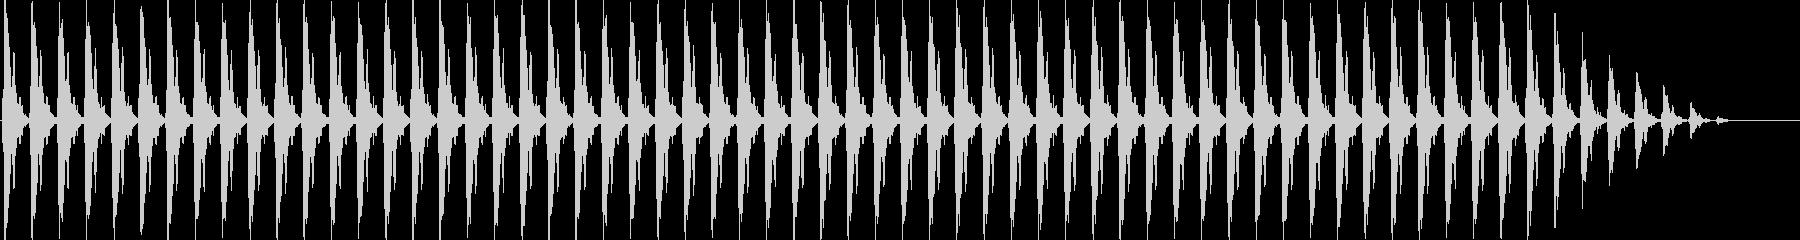 クリスマスの鈴(テンポ遅い)の未再生の波形